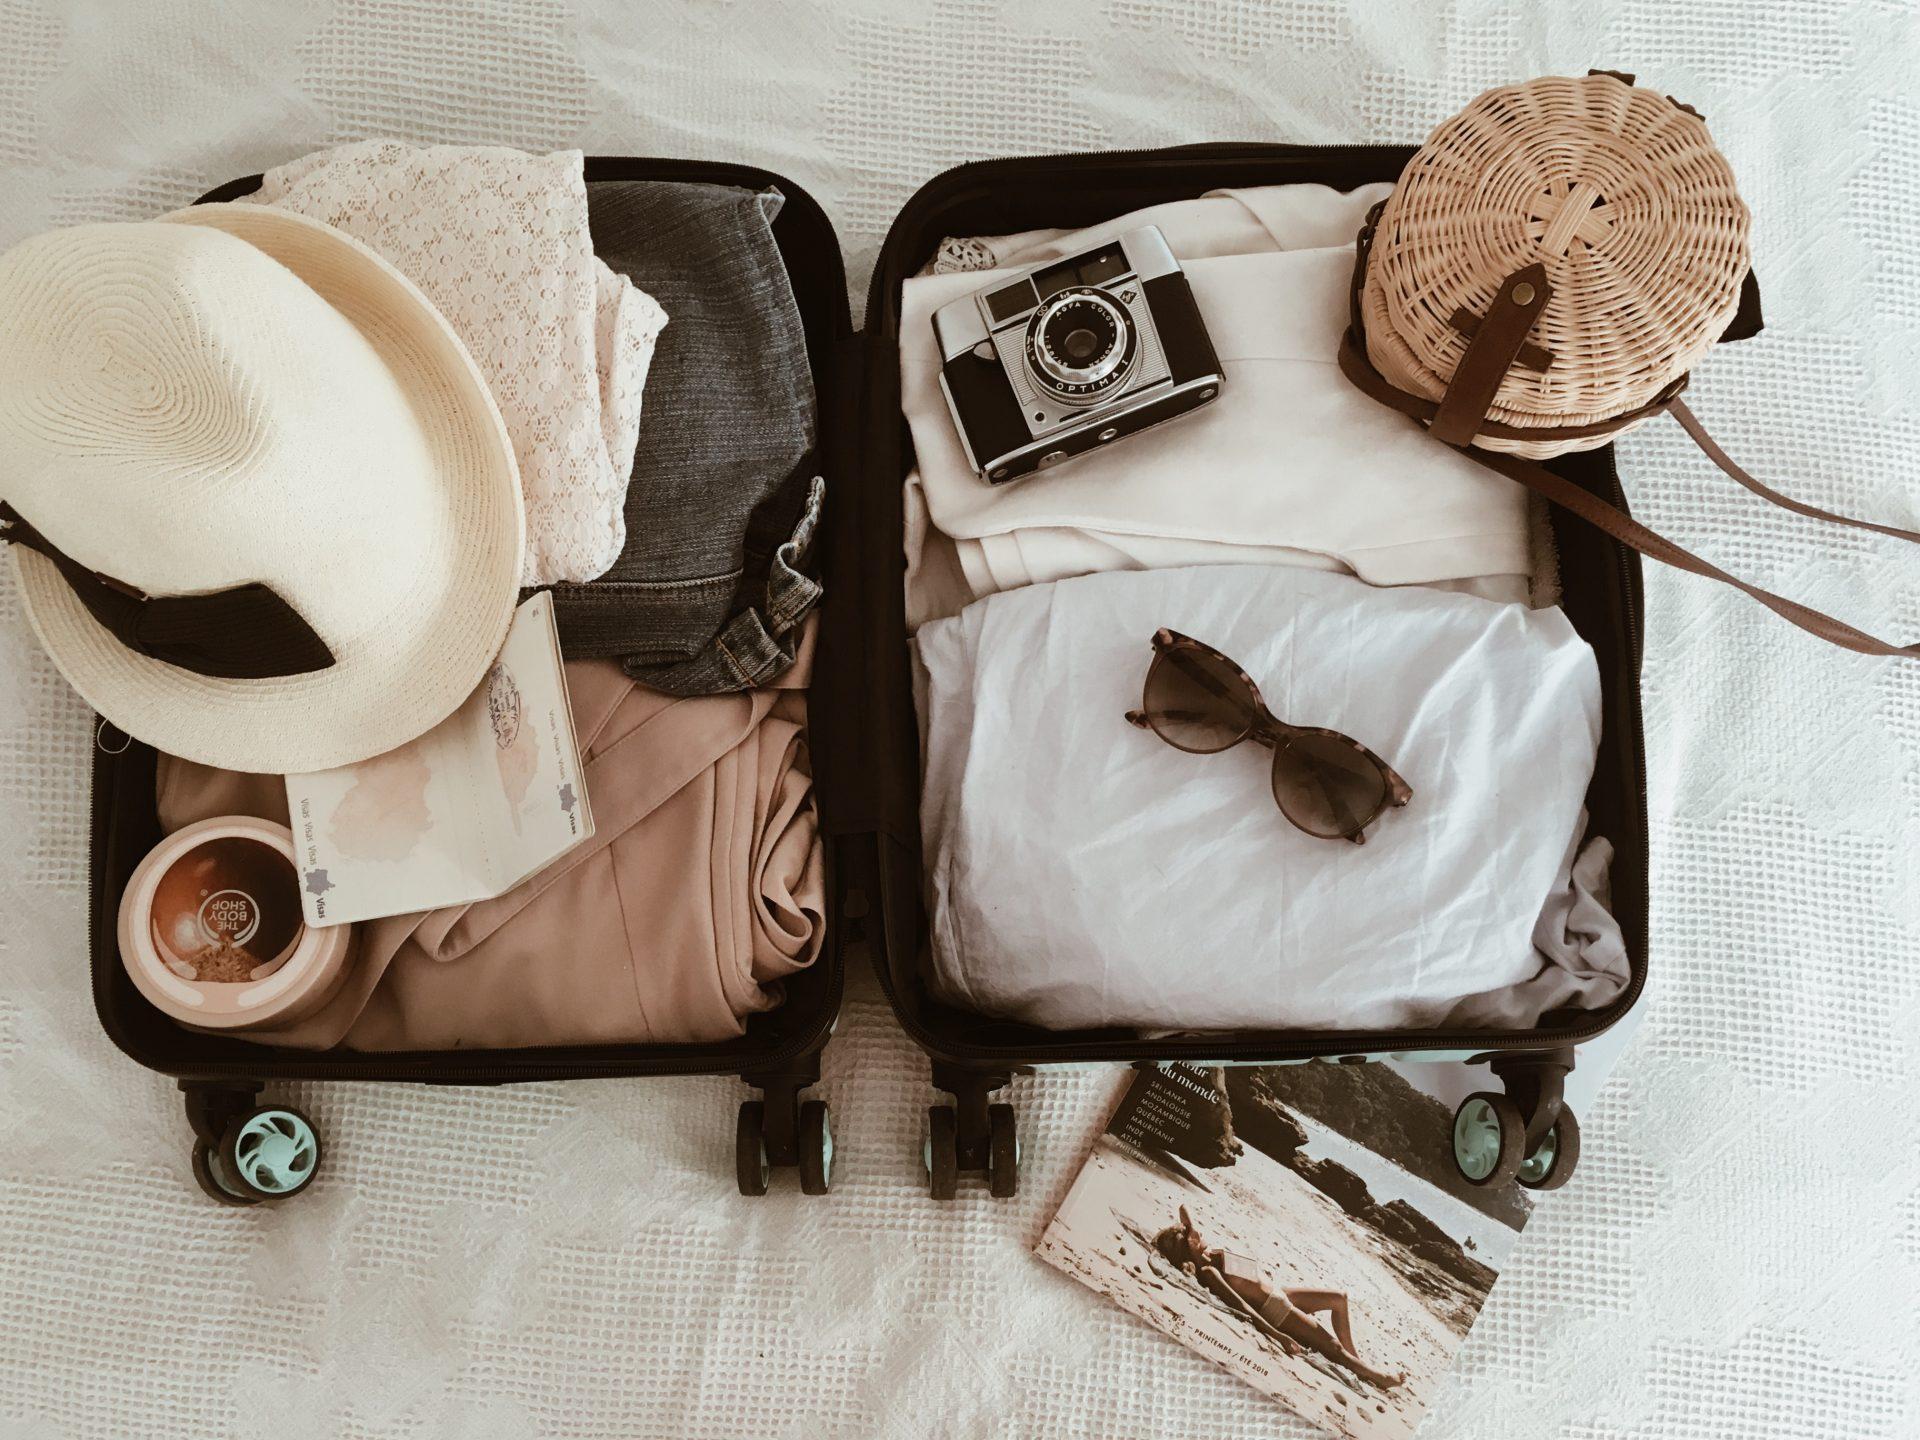 Préparer sa valise - valise cabine